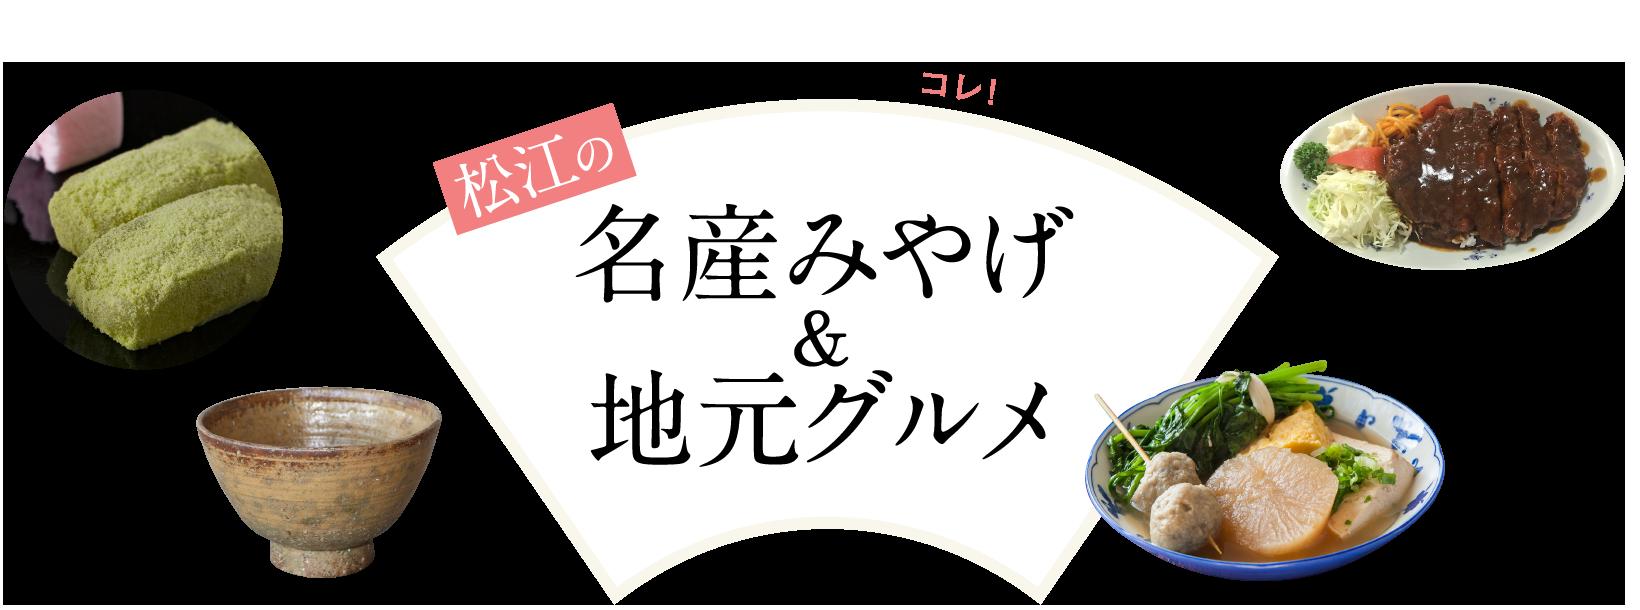 旅のしめくくりはコレ!松江の名産みやげ&地元グルメ